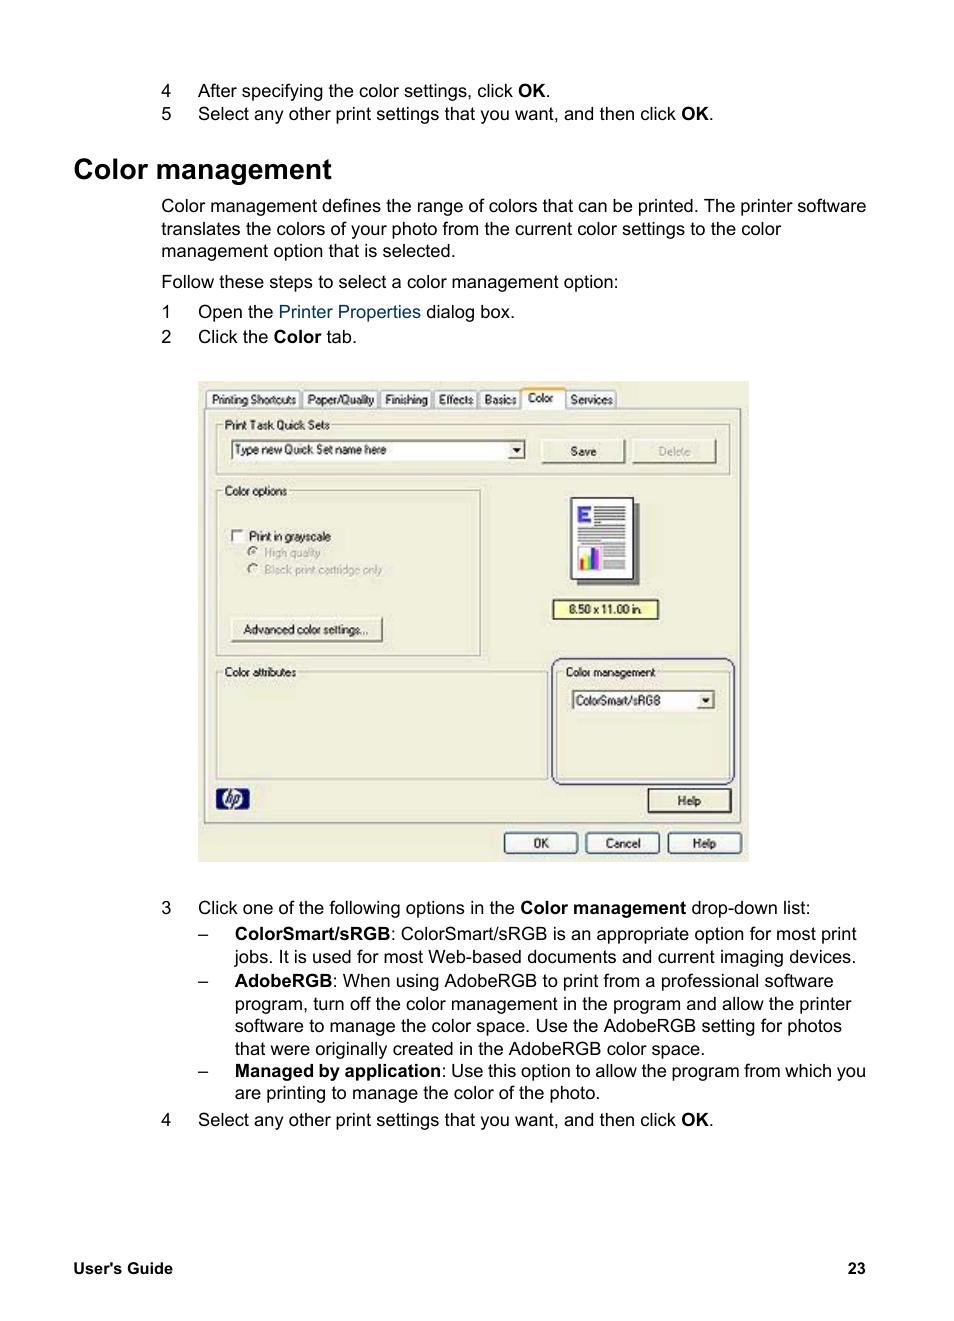 Color management | HP Deskjet 5740 Color Inkjet Printer User